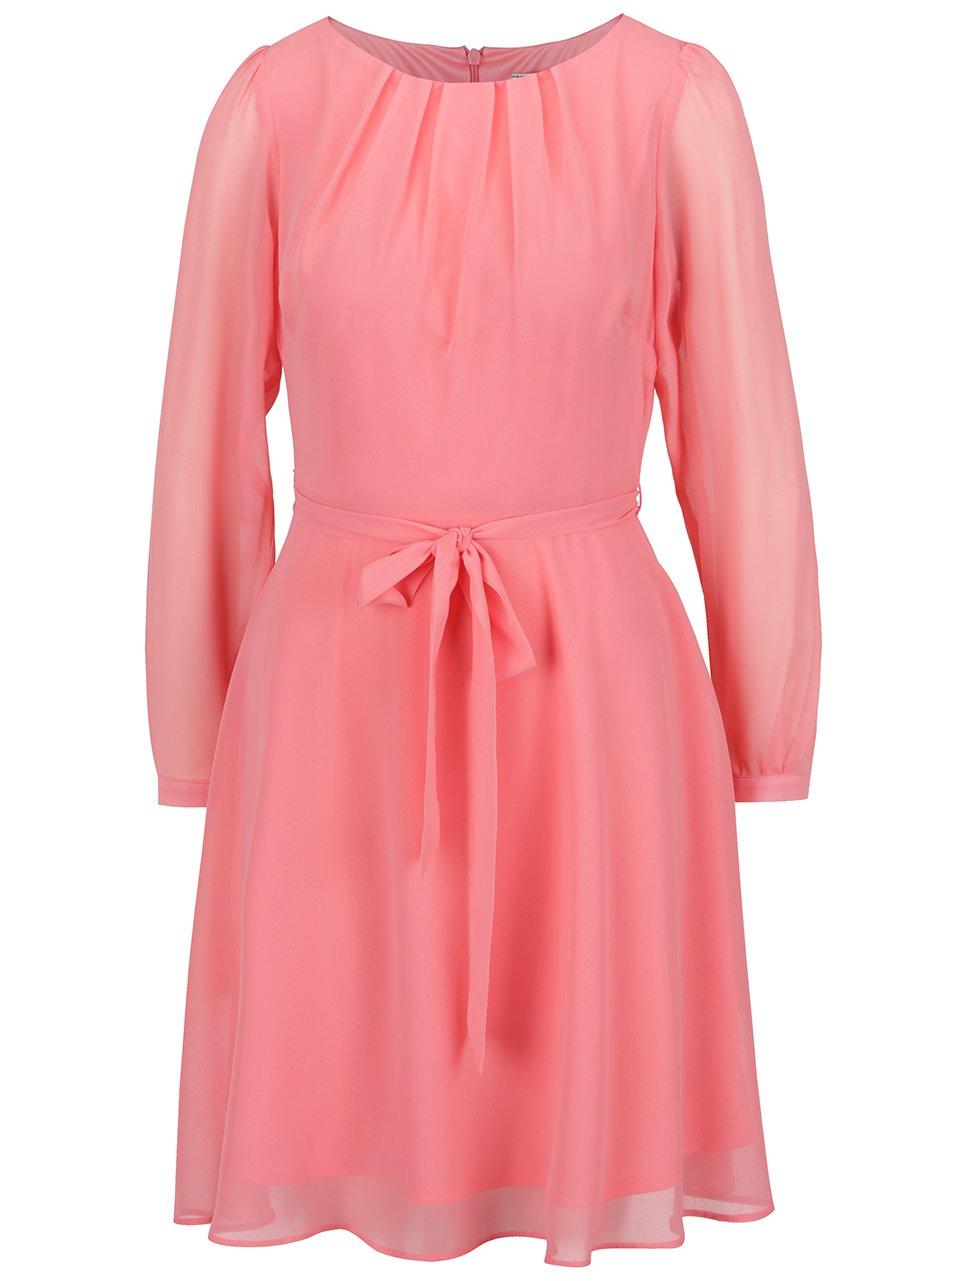 Růžové šaty s páskem a dlouhým rukávem Billie & Blossom